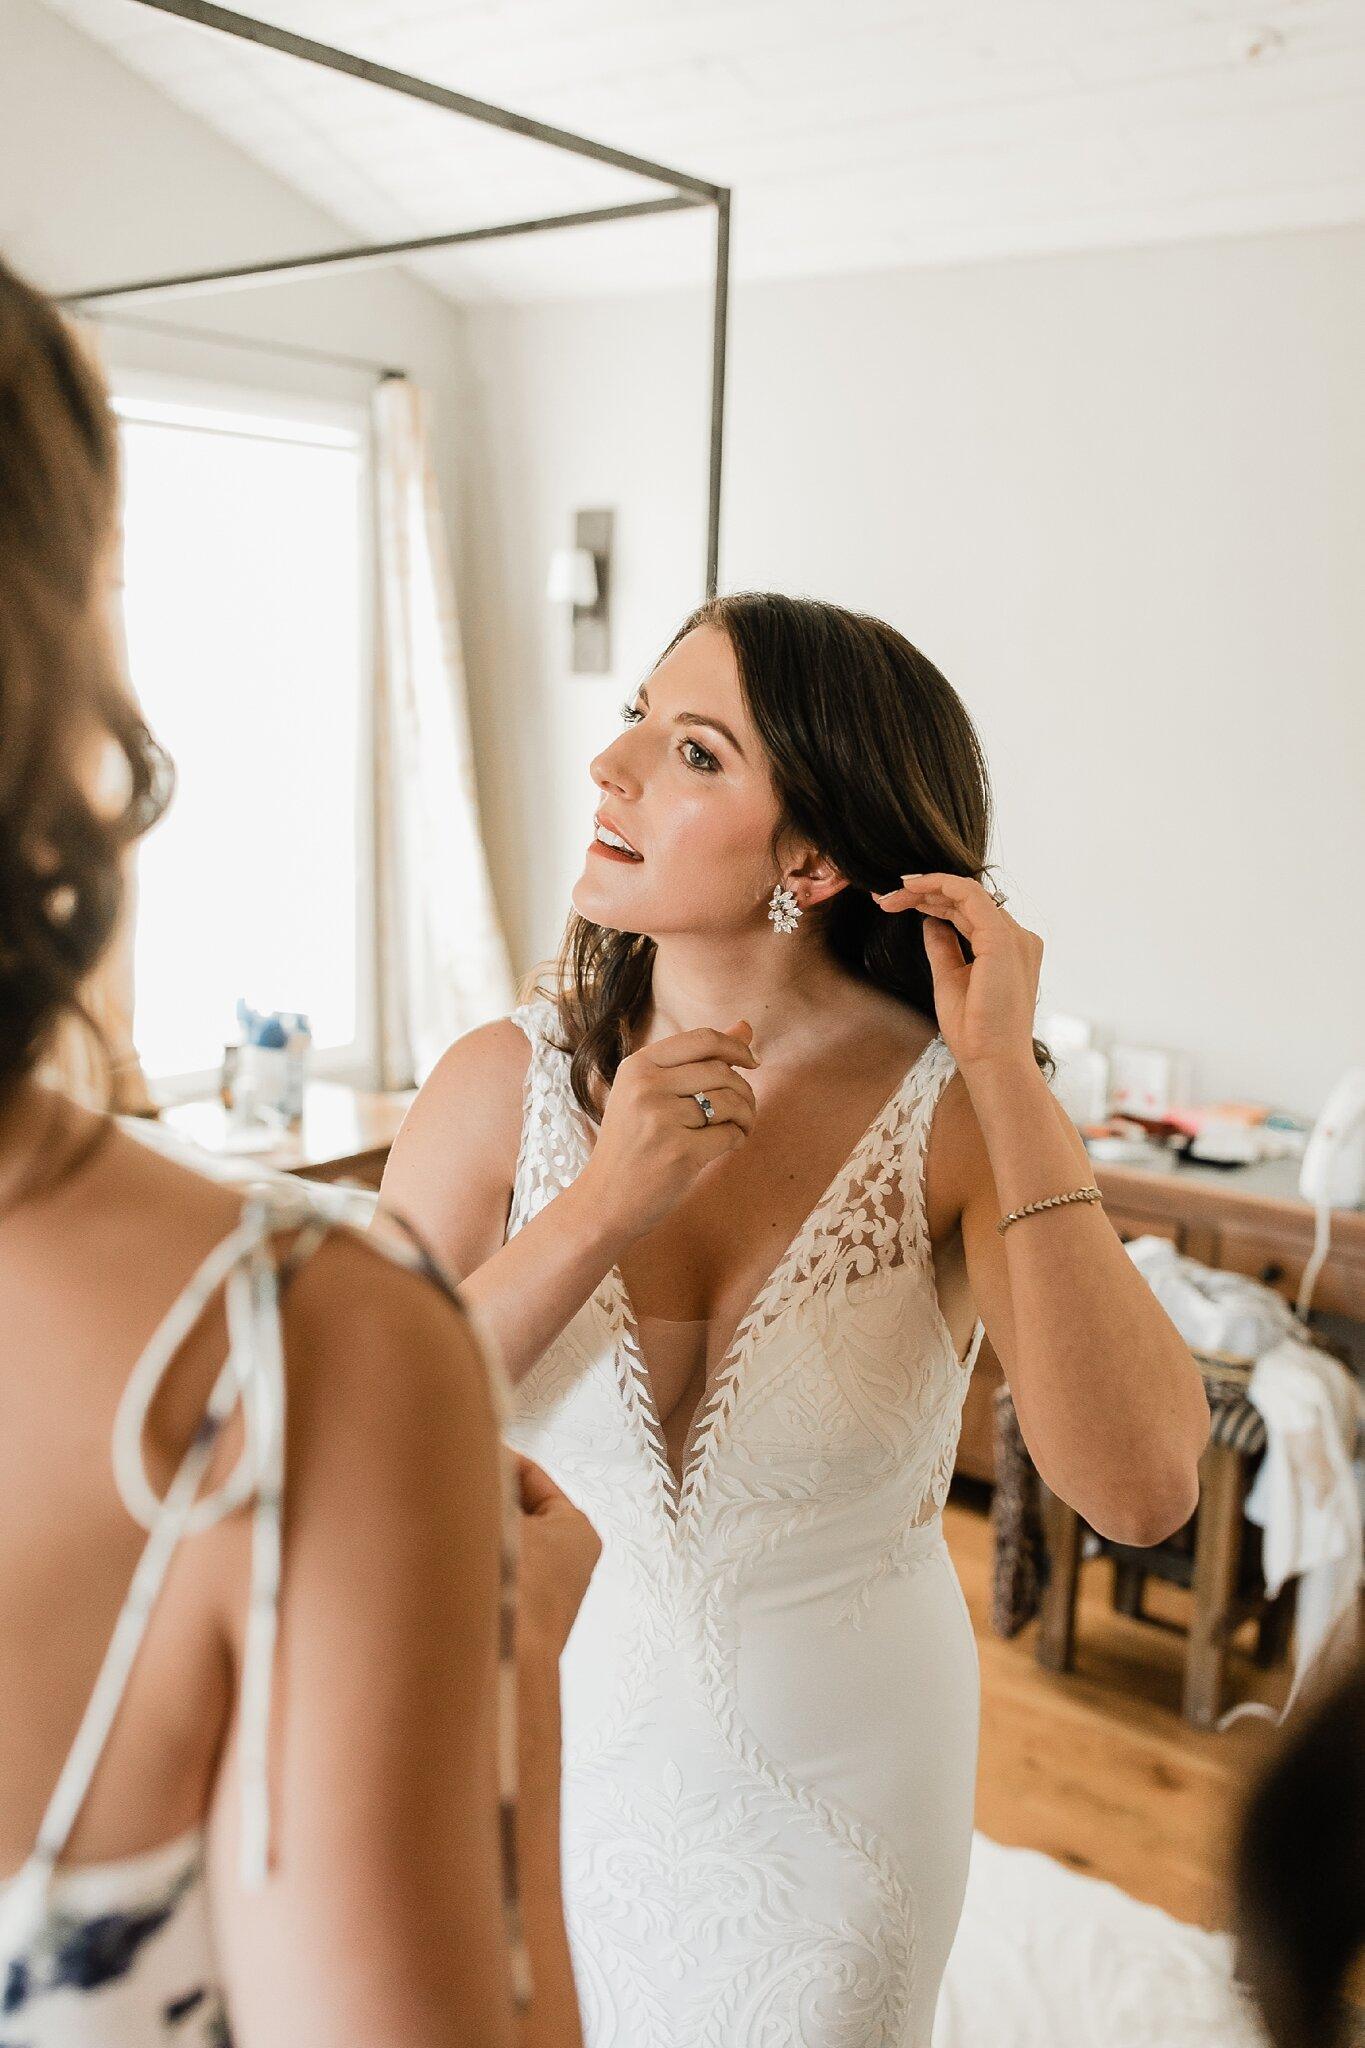 Alicia+lucia+photography+-+albuquerque+wedding+photographer+-+santa+fe+wedding+photography+-+new+mexico+wedding+photographer+-+new+mexico+wedding+-+wedding+-+albuquerque+wedding+-+los+poblanos+-+los+poblanos+wedding+-+fall+wedding_0010.jpg